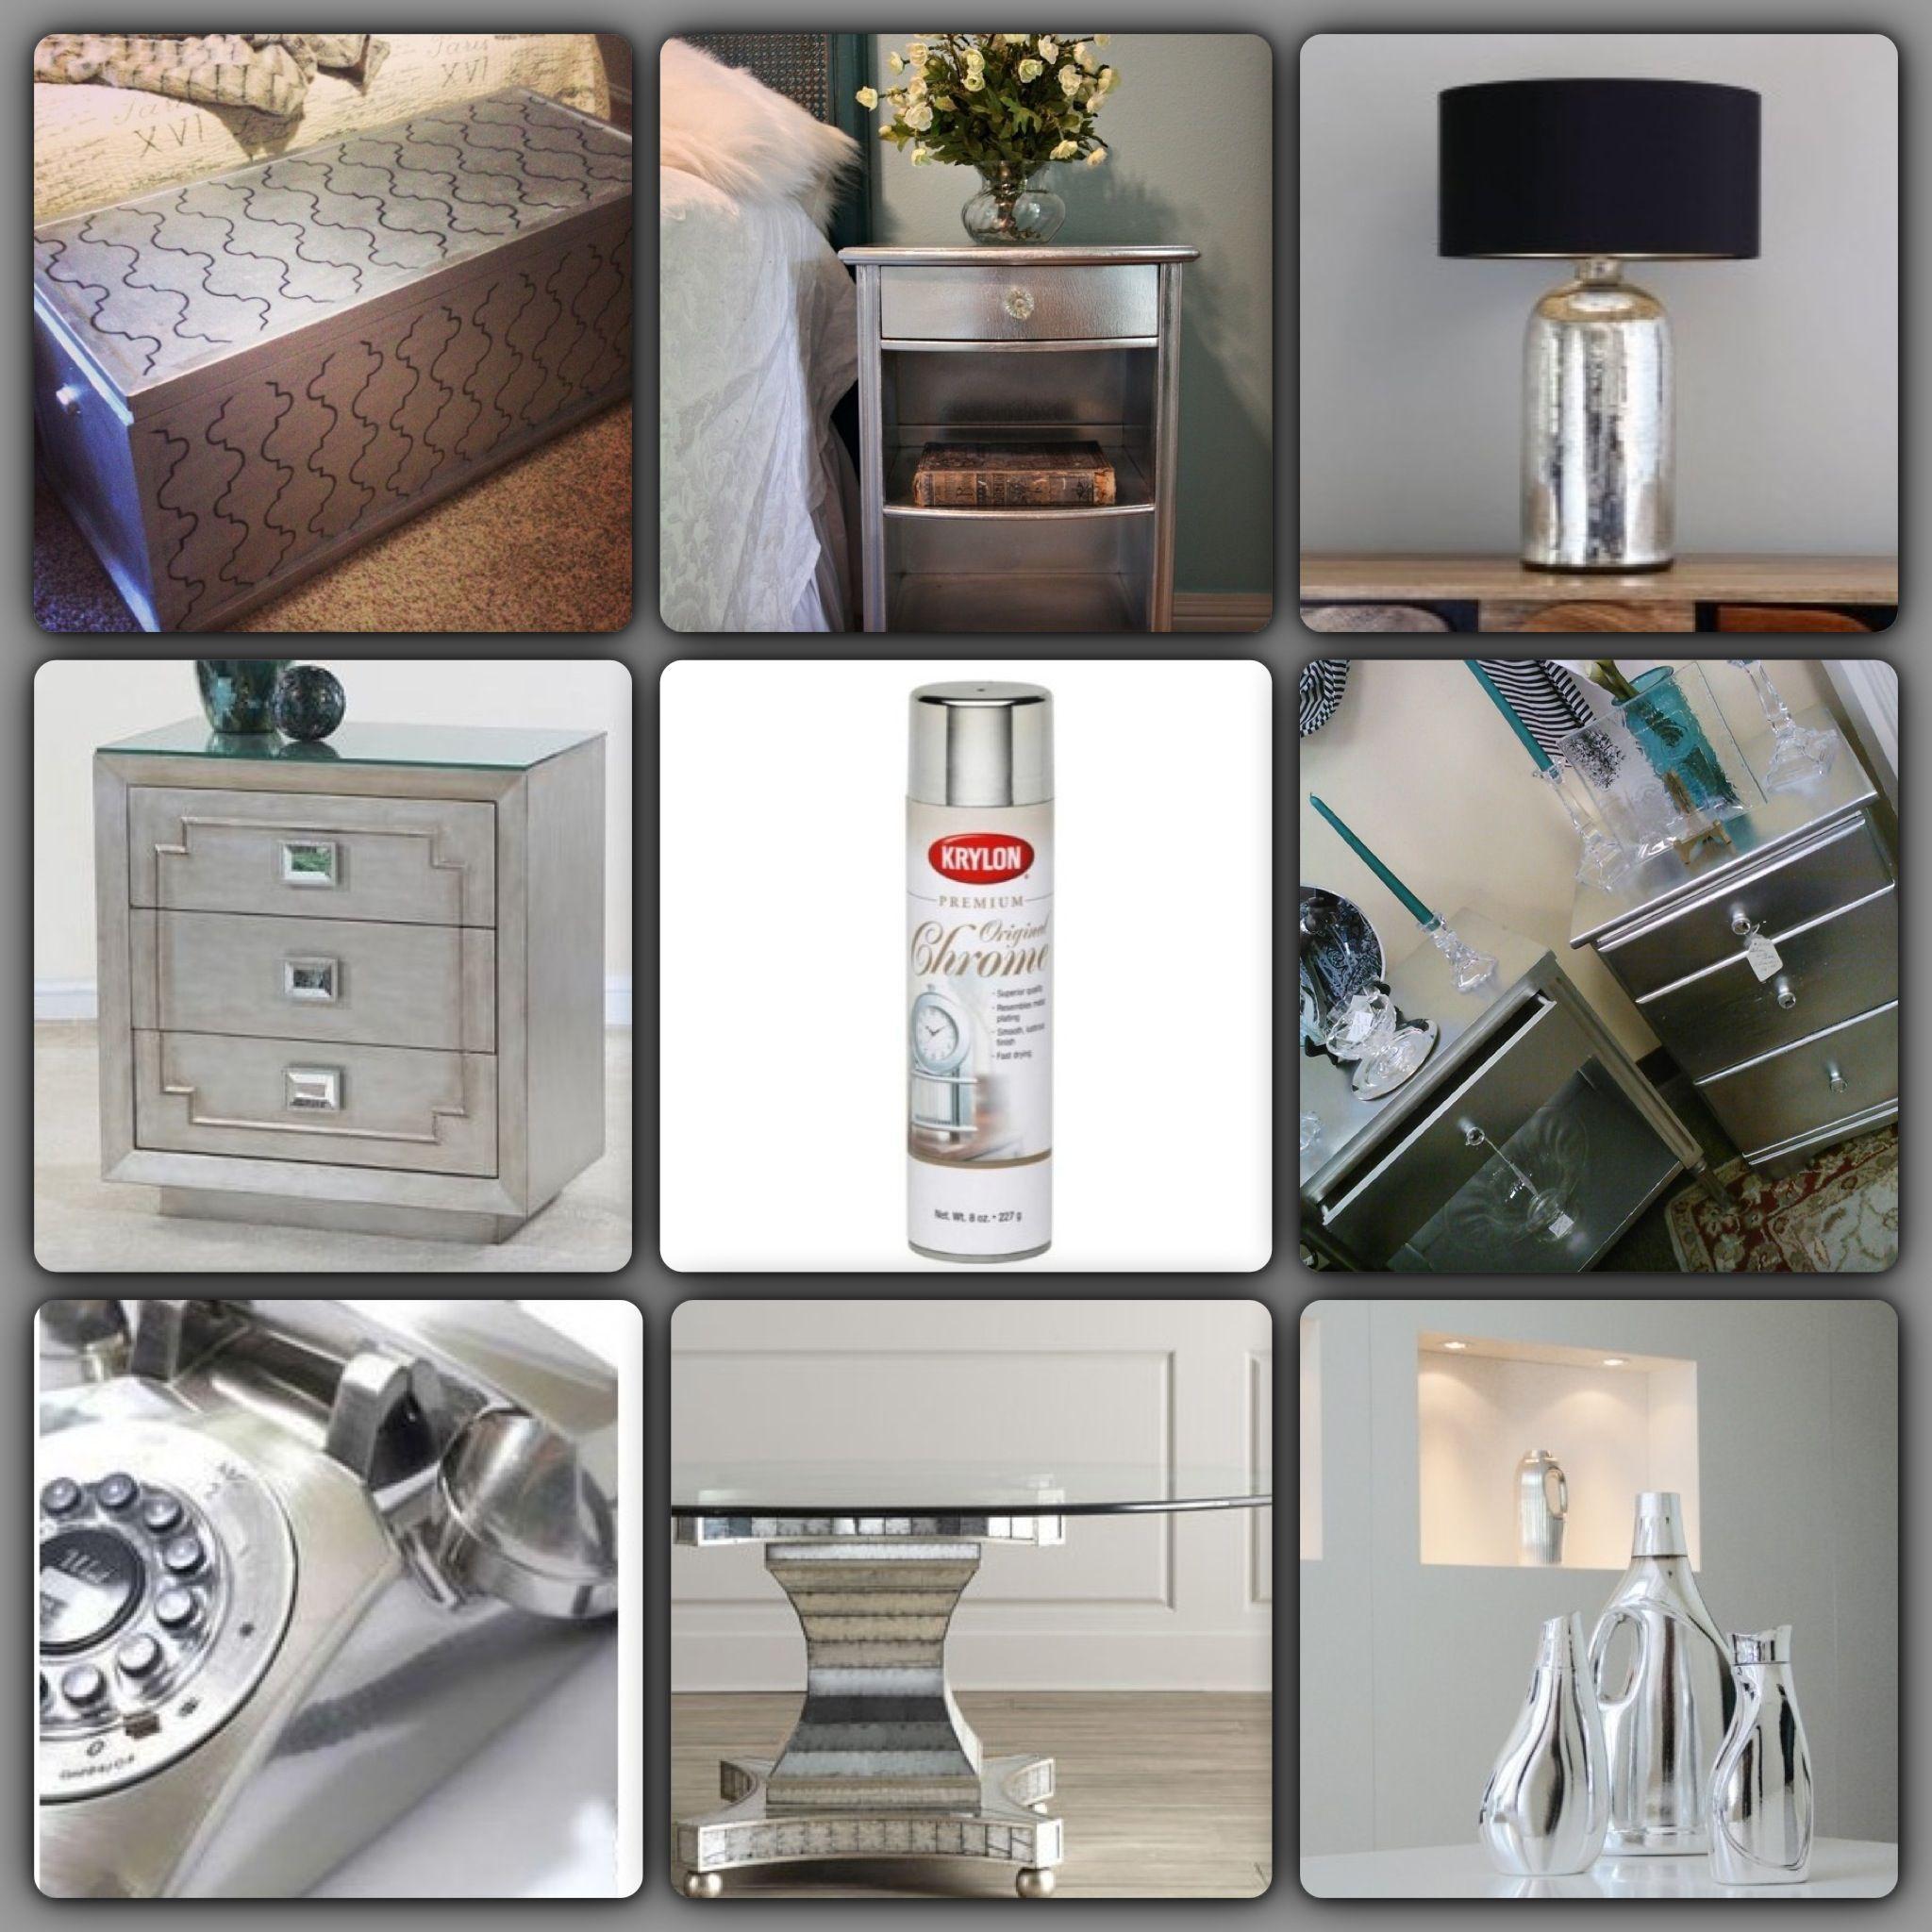 Chrome spray paint decoraci n pinterest dormitorios y decoraci n de unas - Muebles pintados en plata ...